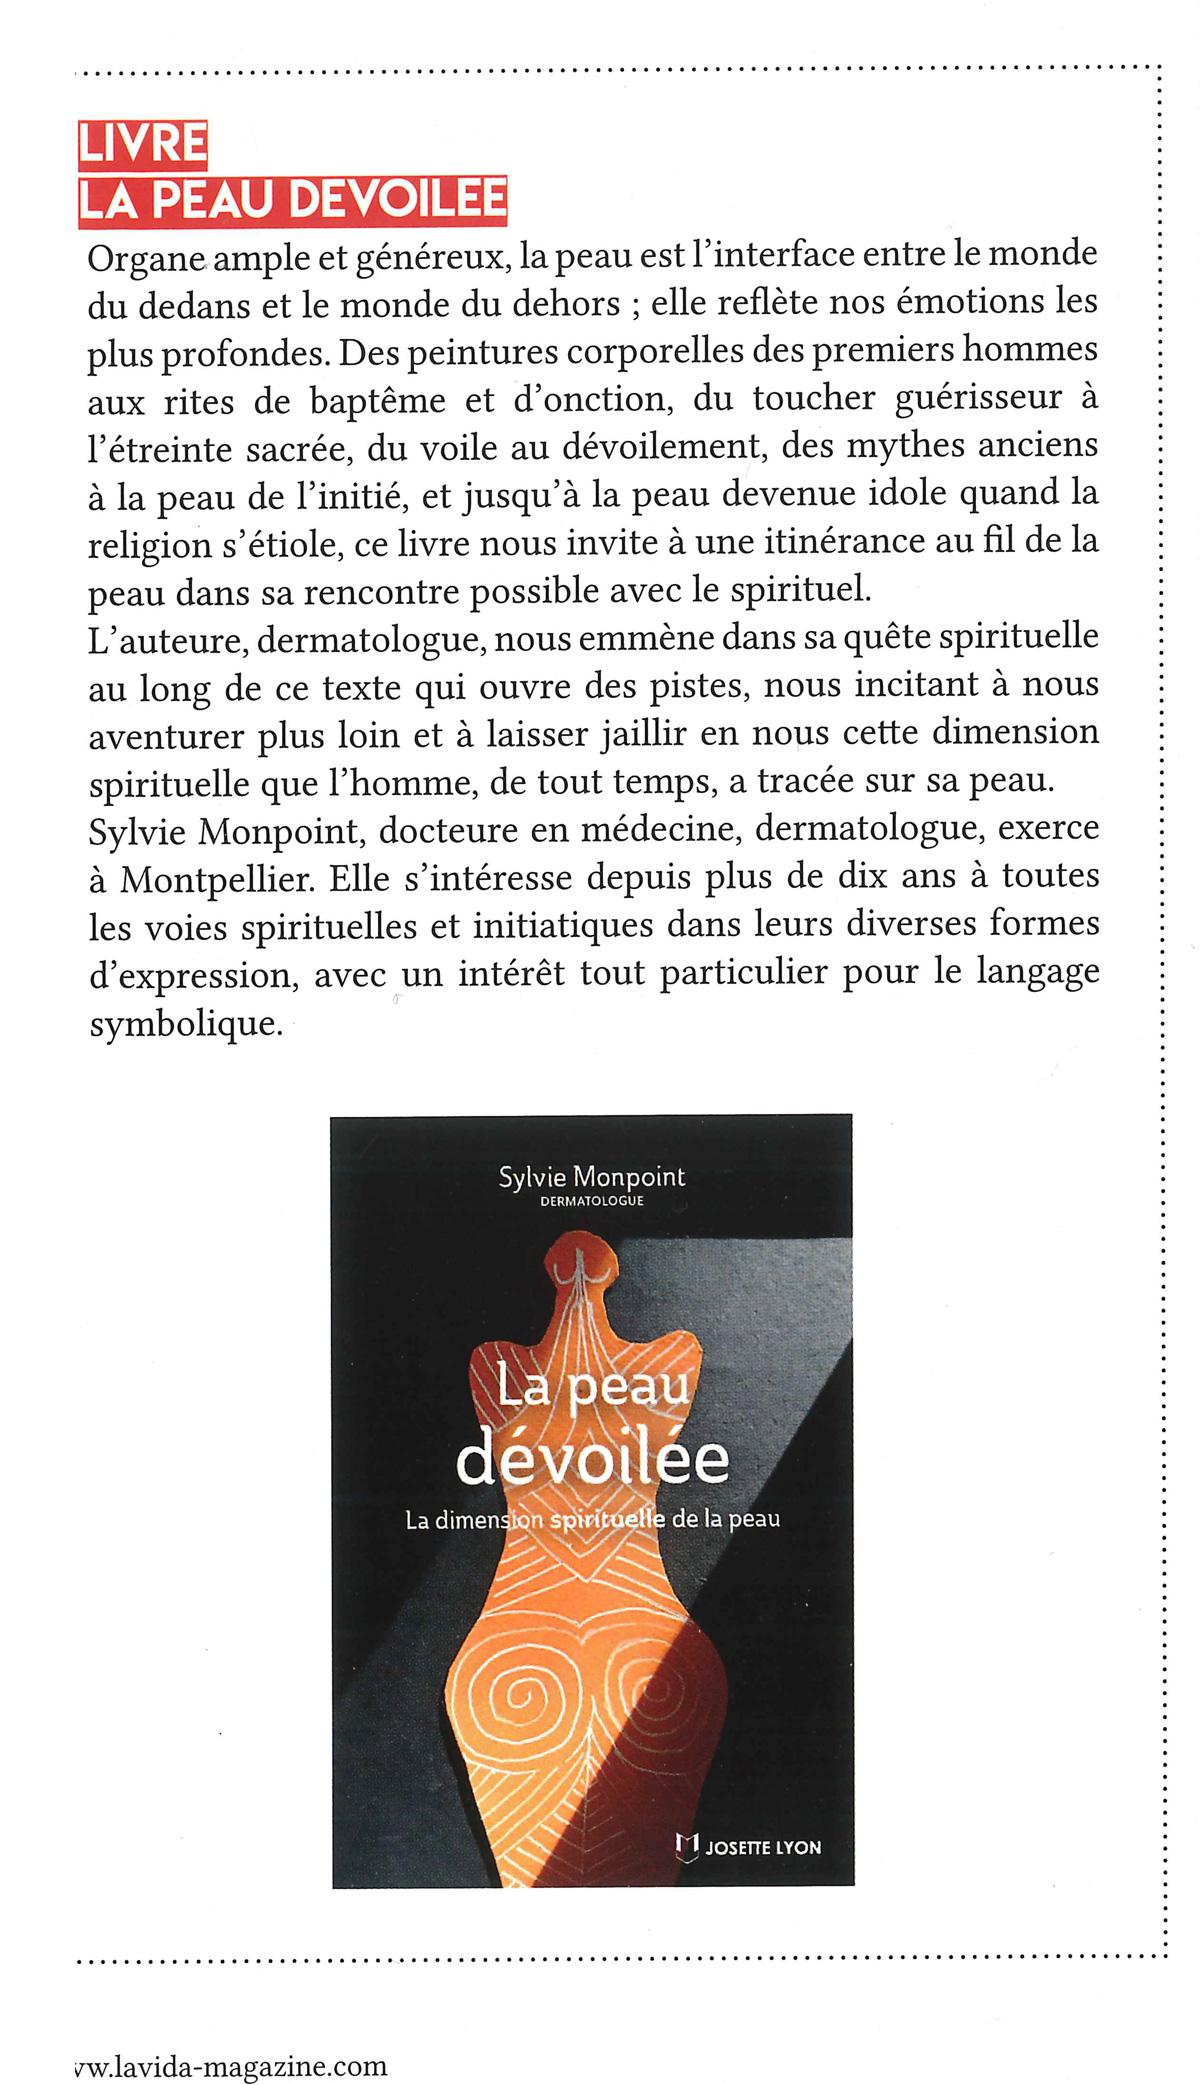 LavidaMagazine